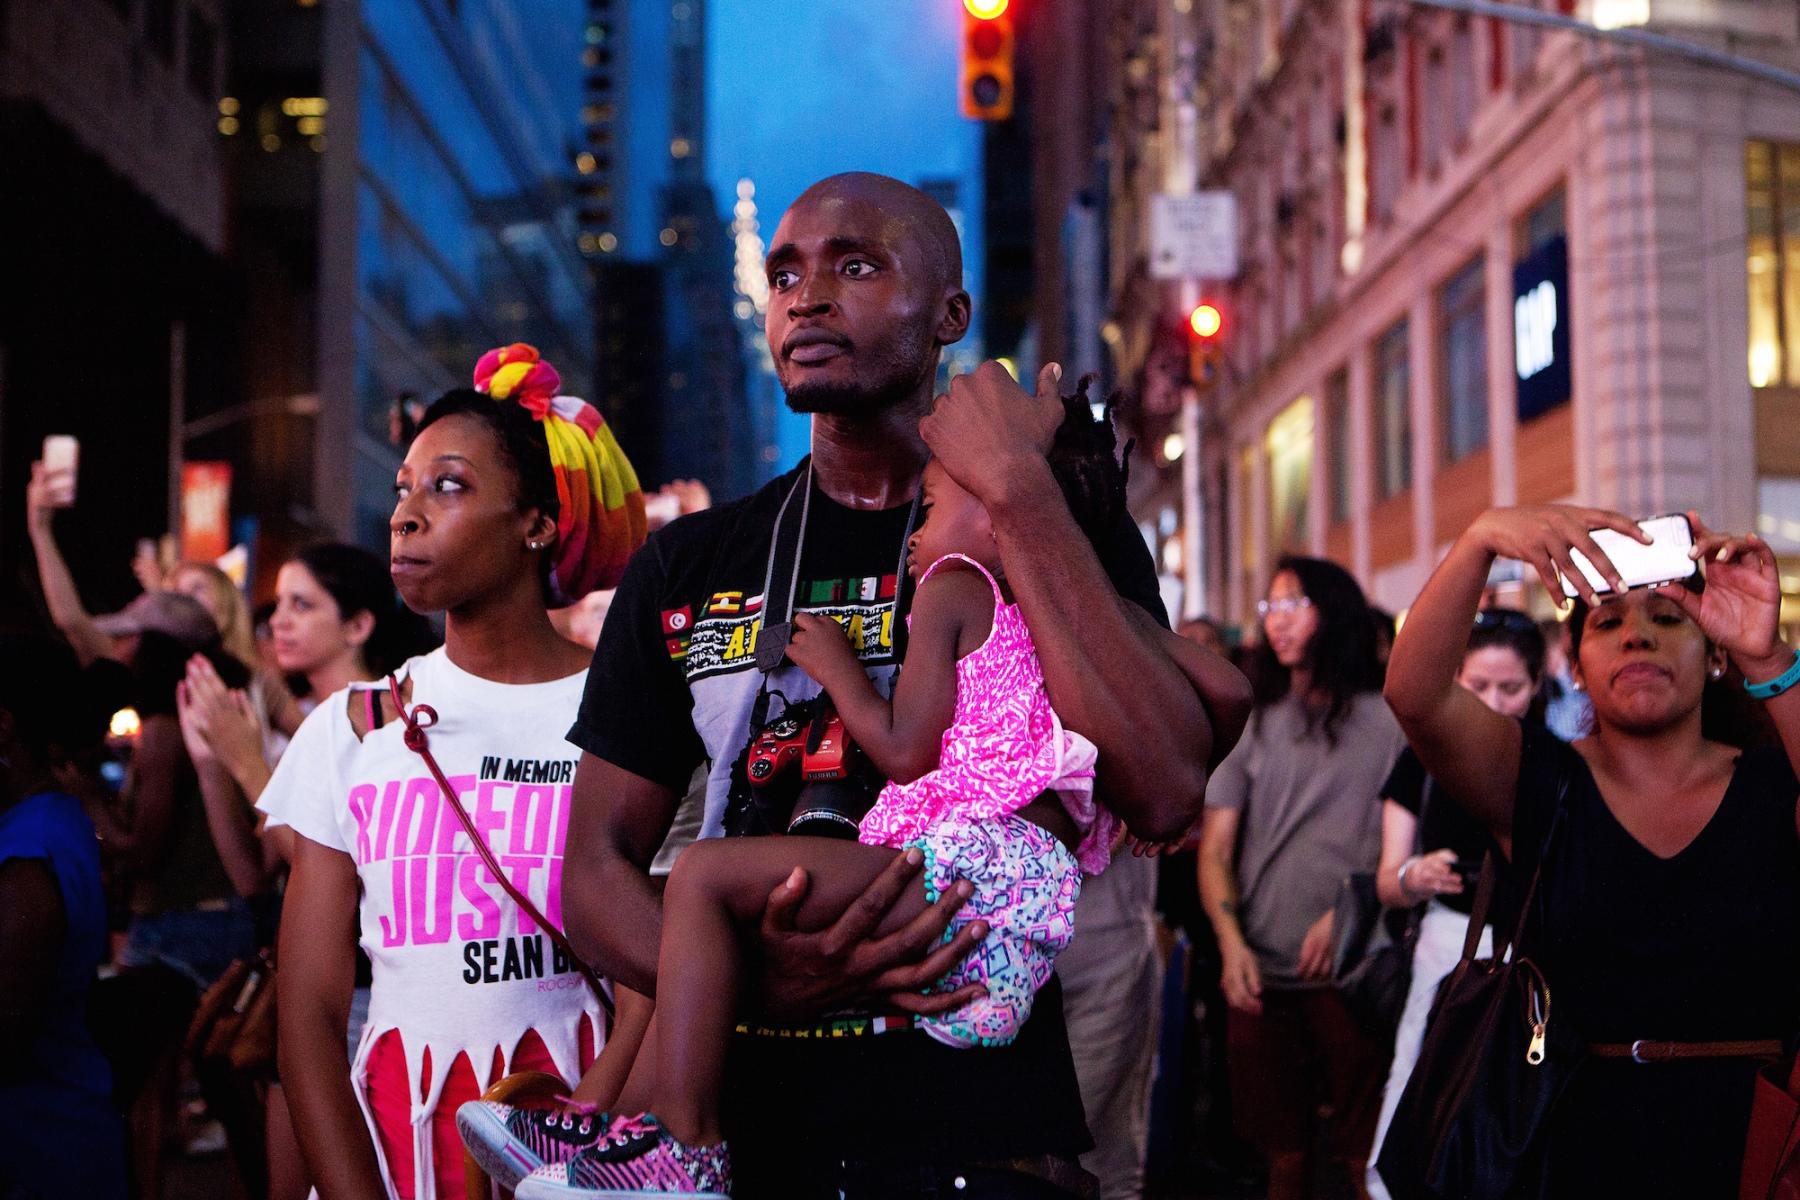 #BlackLivesMatter New York City